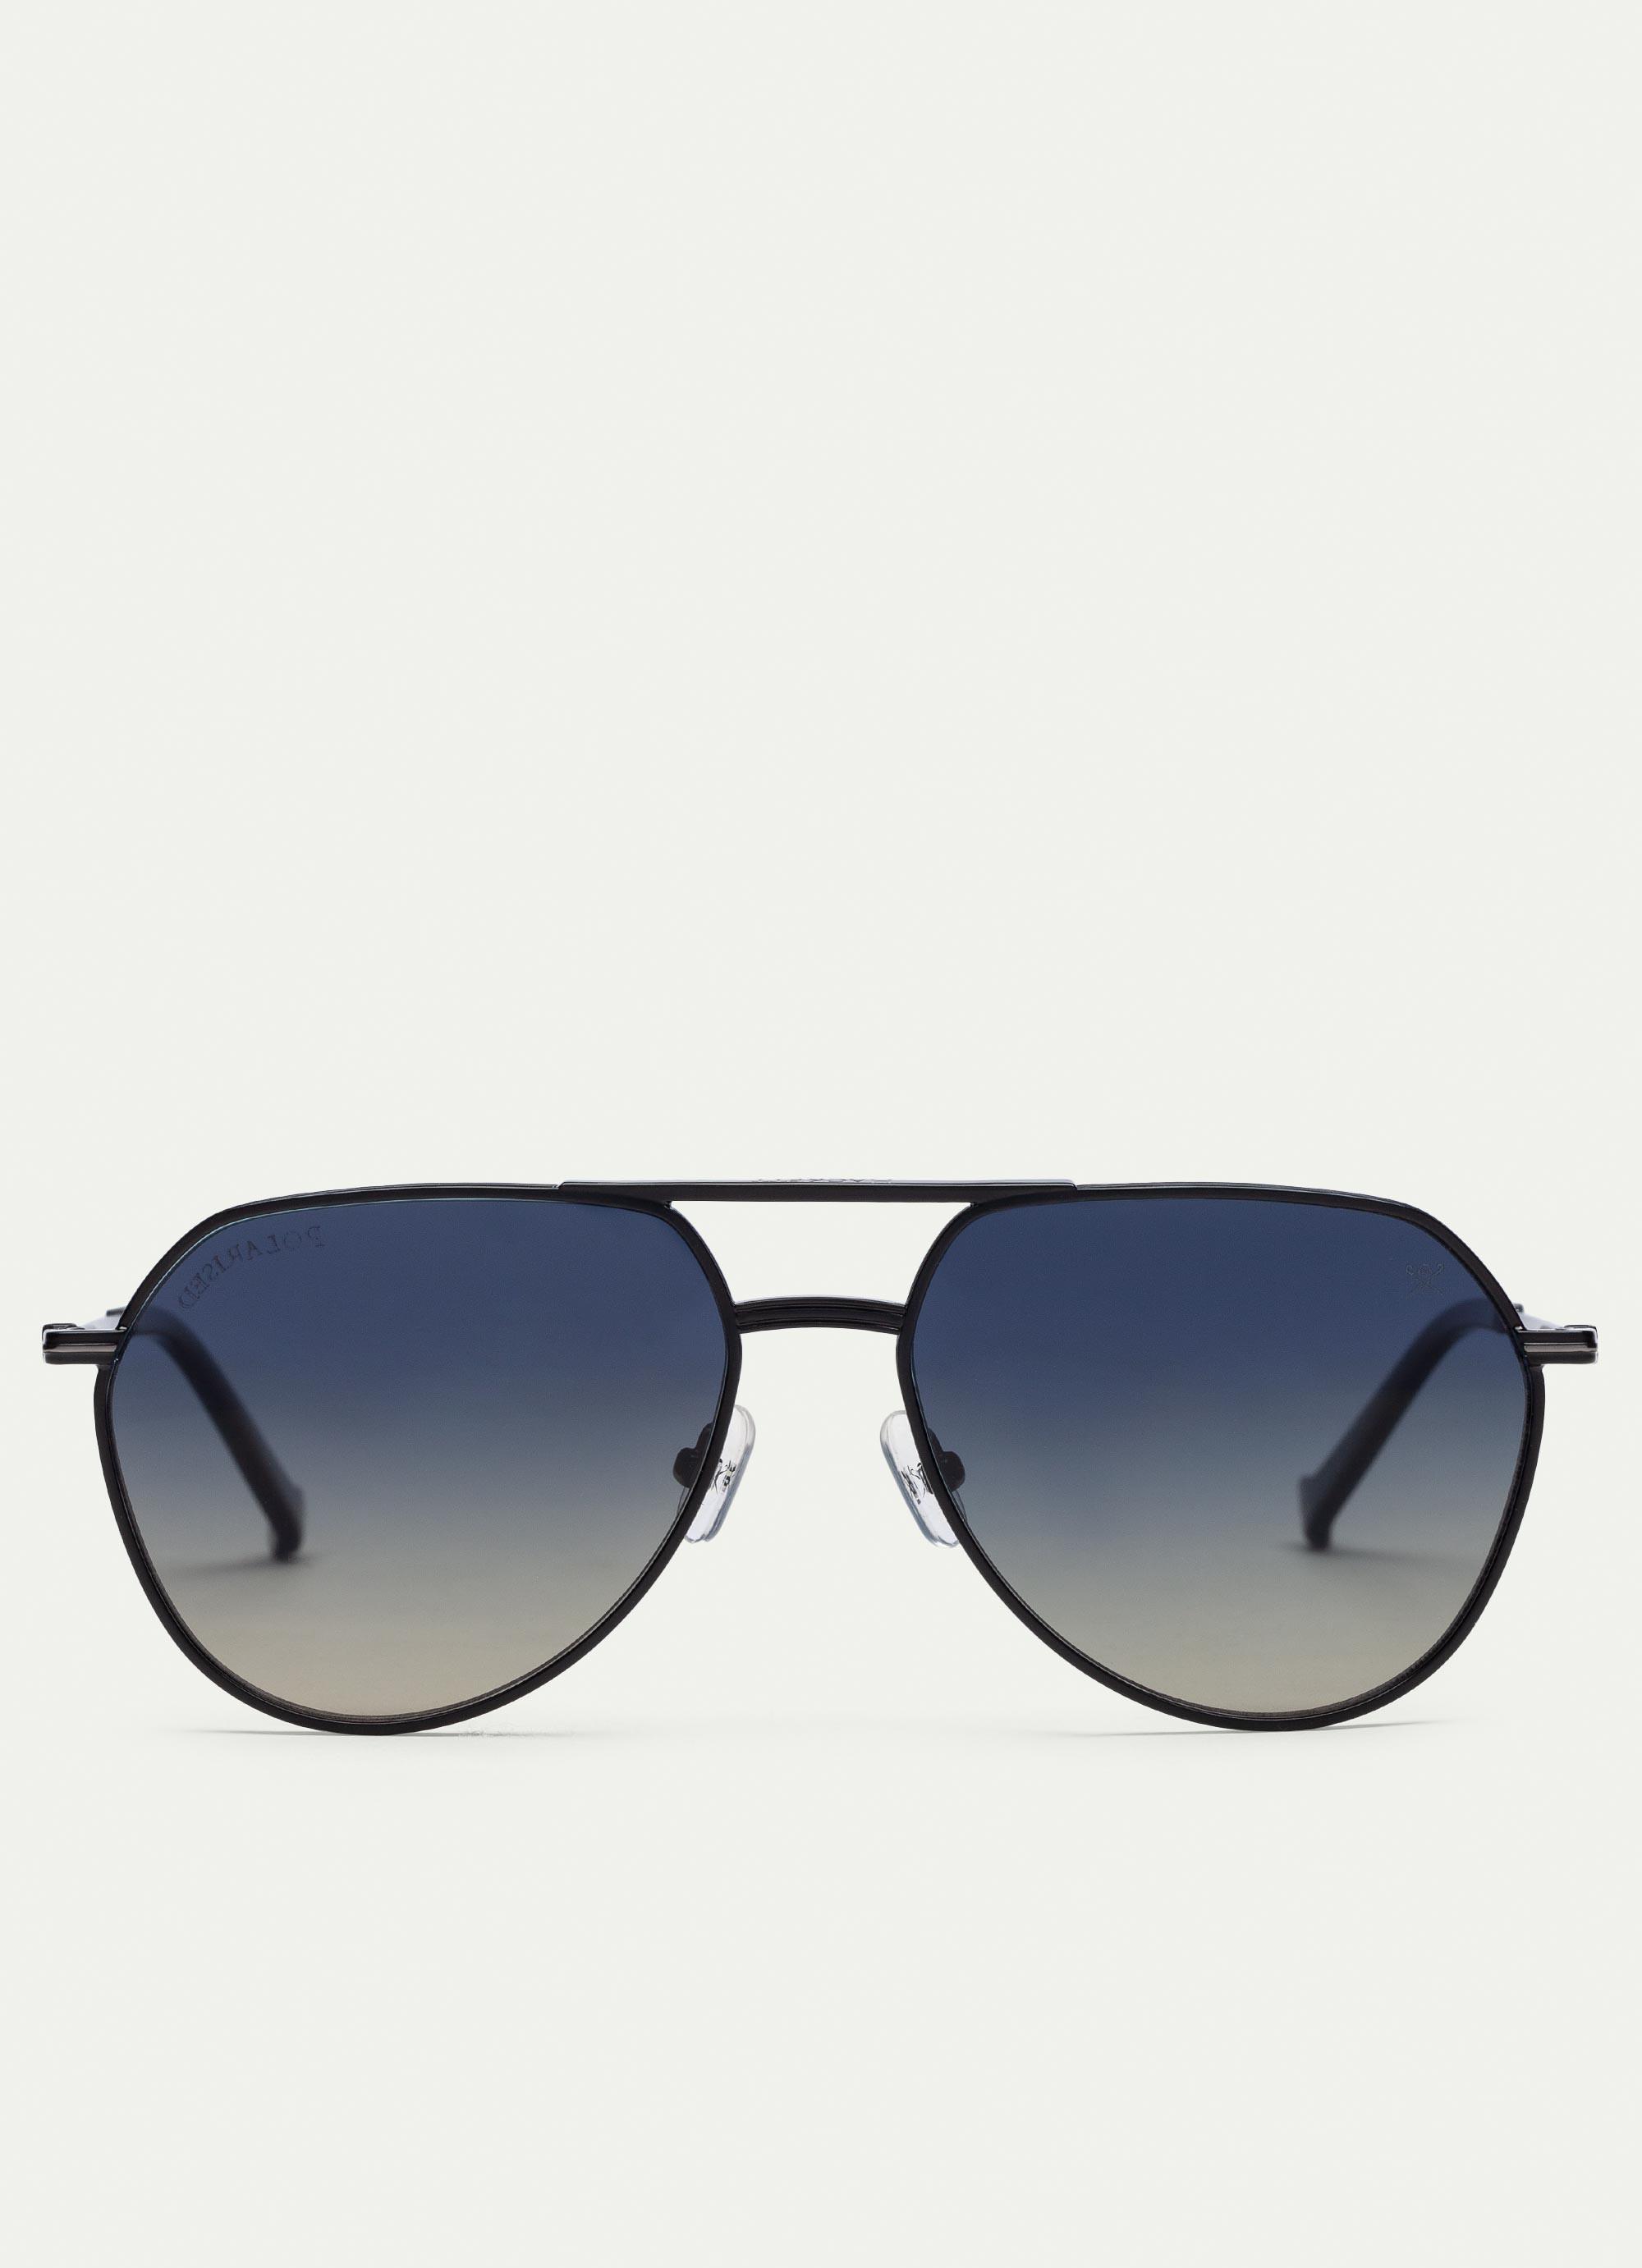 f2cb08e1500 Hackett Pilot Oversized Metal Sunglasses in Black for Men - Lyst